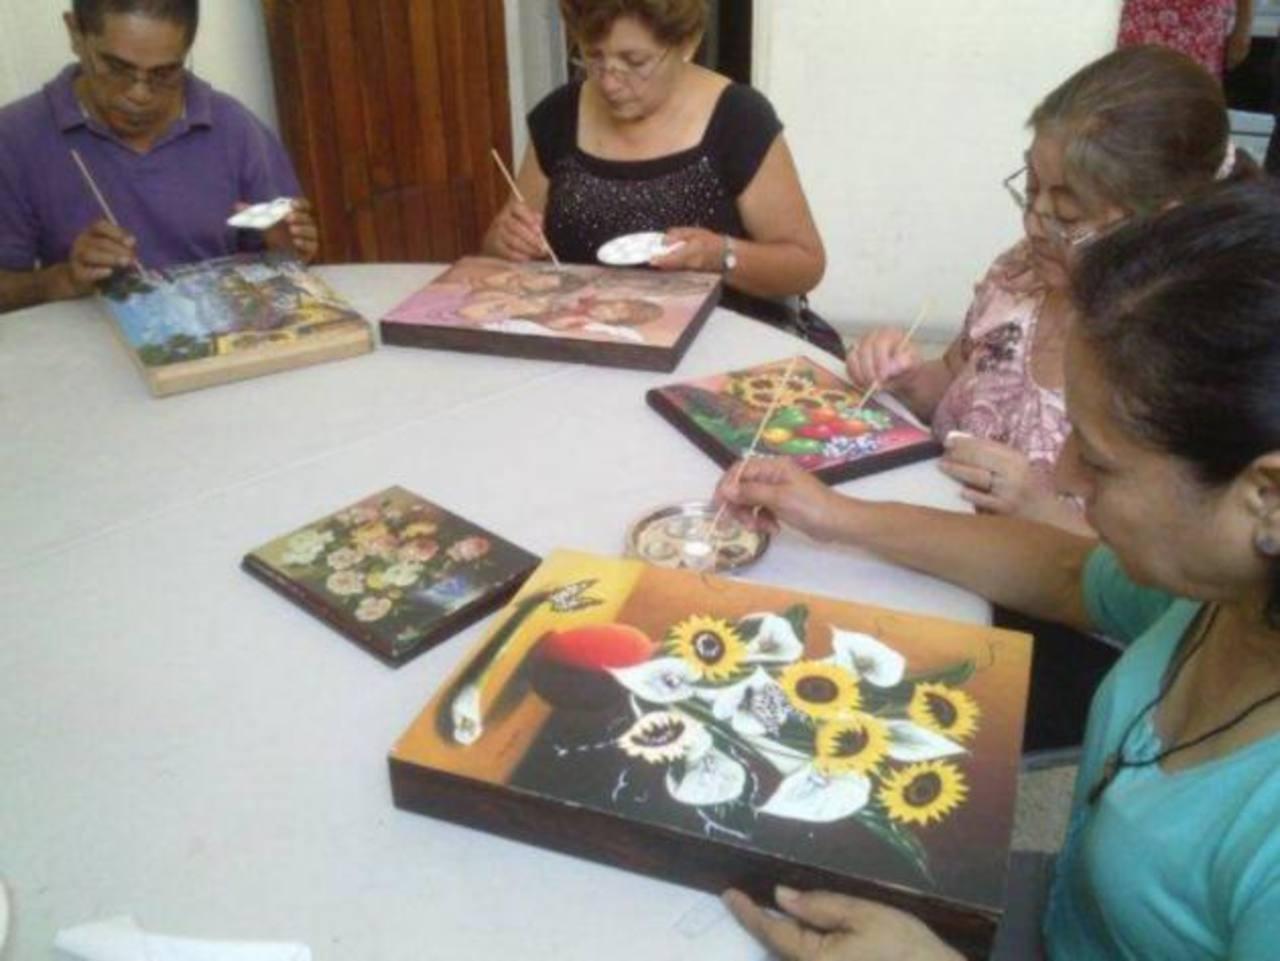 En el año se realizaron más de cuatro diferentes cursos de desarrollo y aprendizaje semanalmente, campañas de salud preventiva y mucho más. foto edh /Cortesía